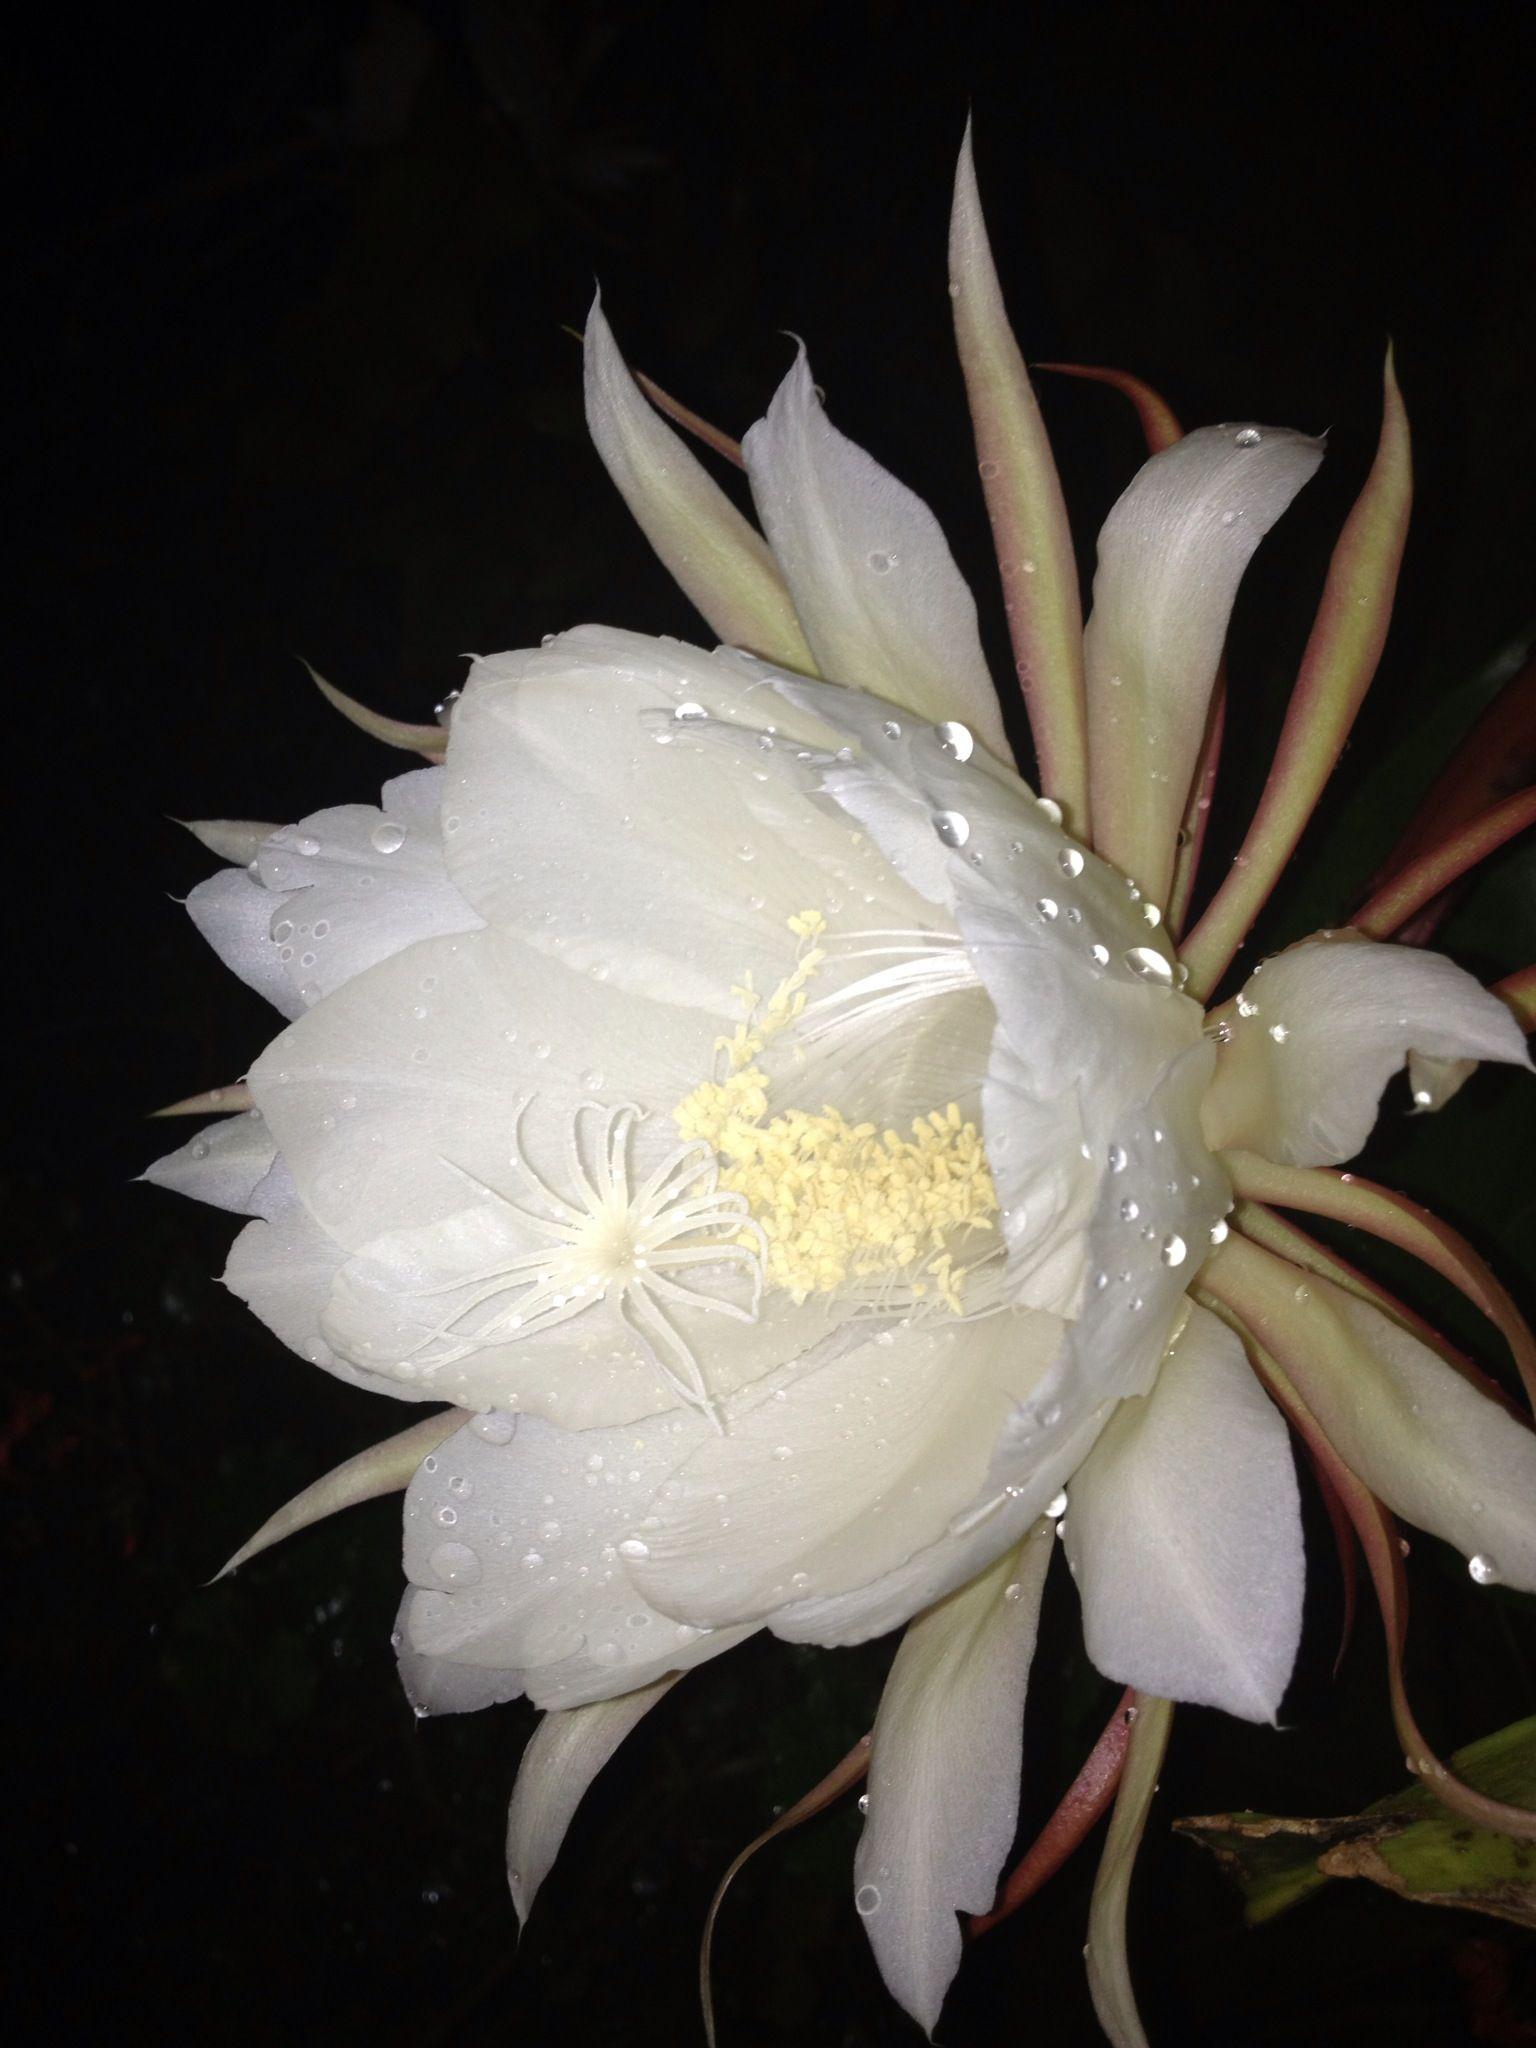 любые изделия лунный цветок фото в саду постоянно улучшает